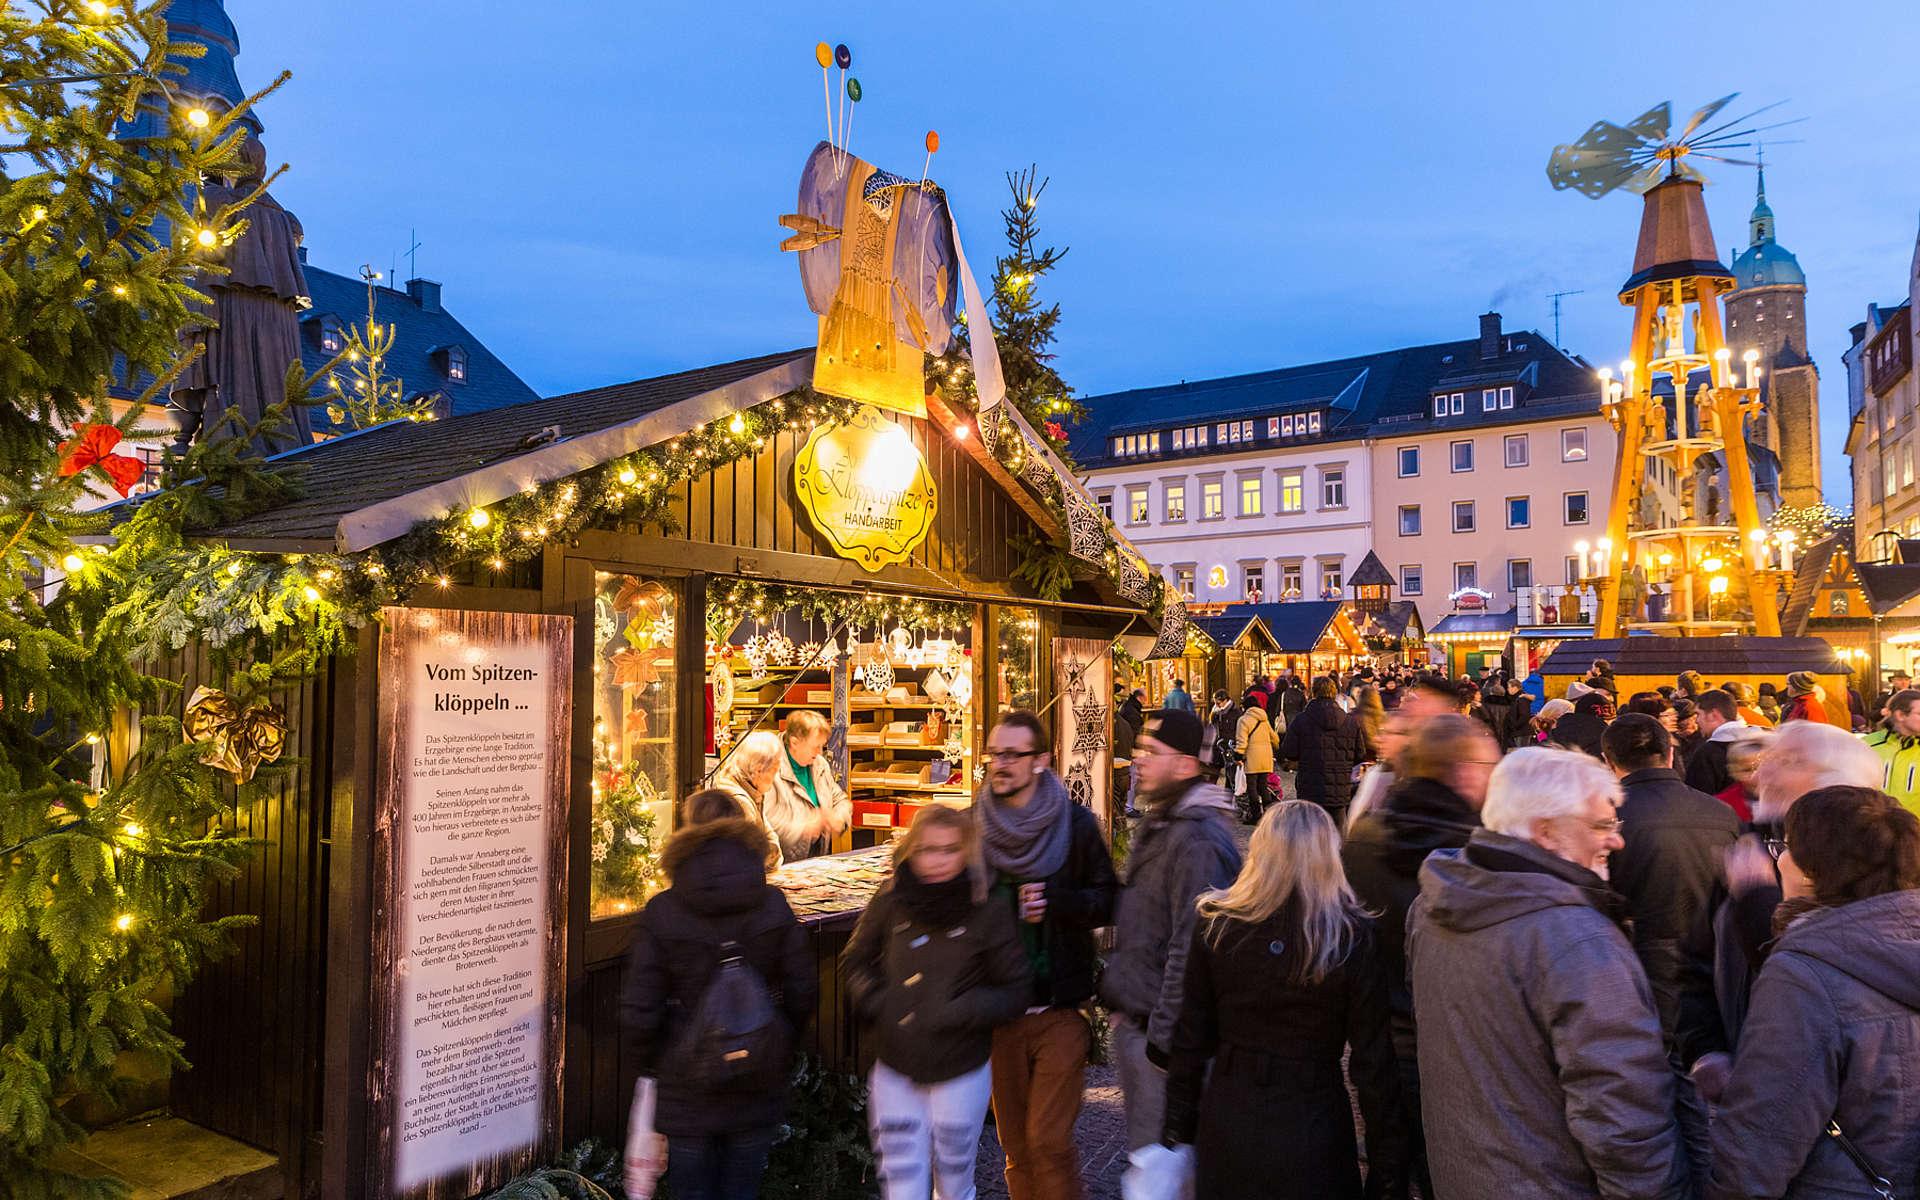 Weihnachtsmarkt freiberg 2020